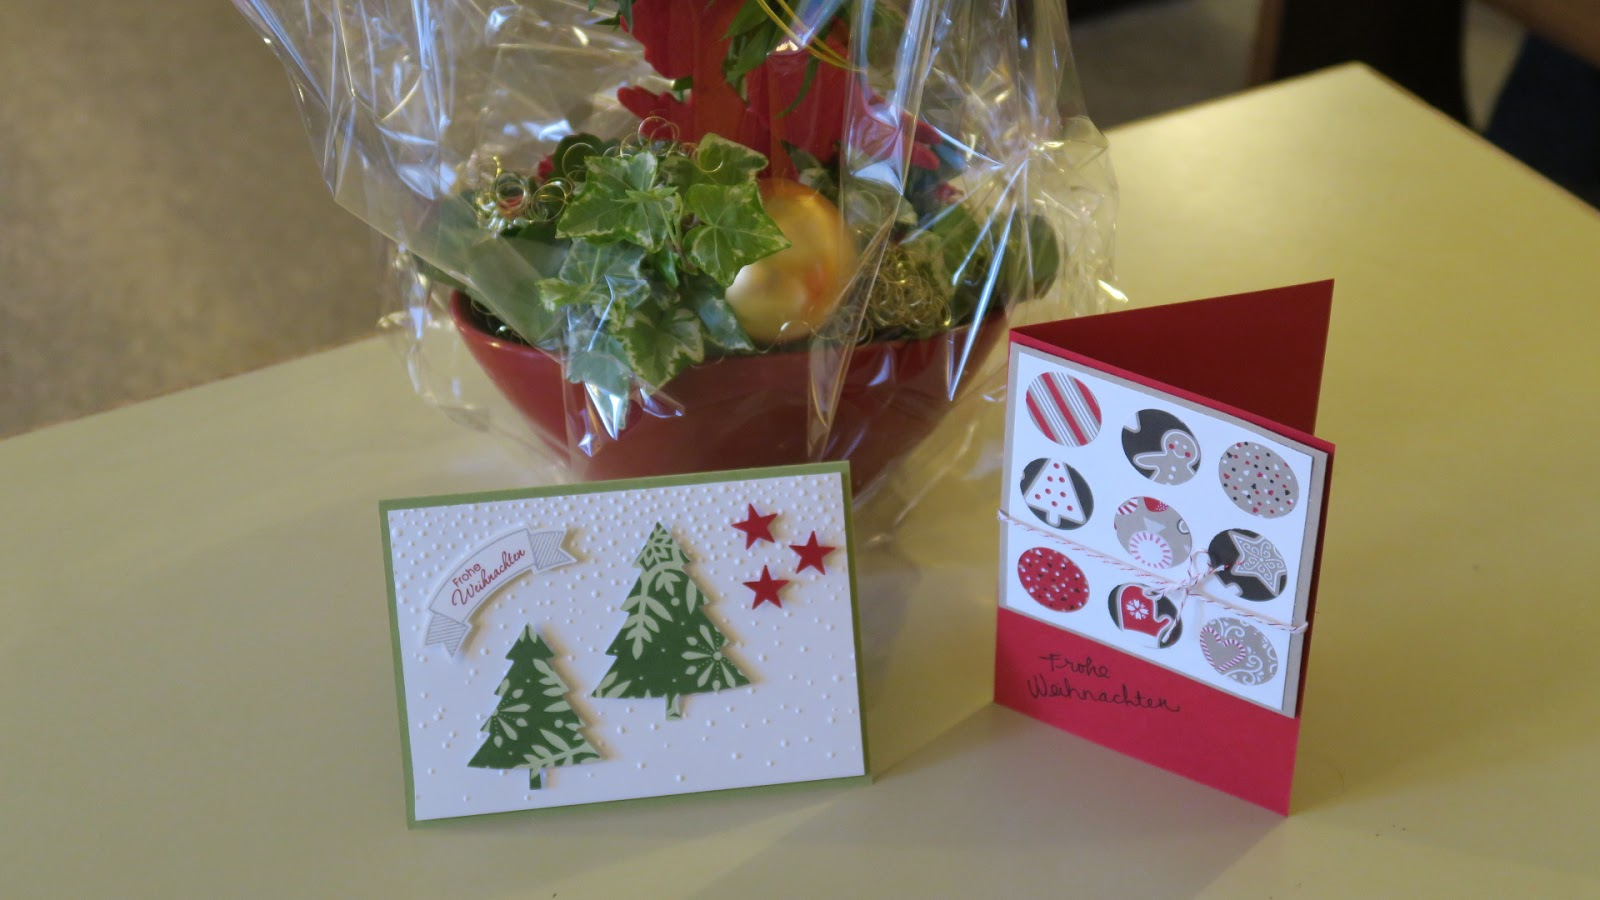 Bunt kreativ weihnachtsbasteln mit senioren - Weihnachtsbasteln mit senioren ...